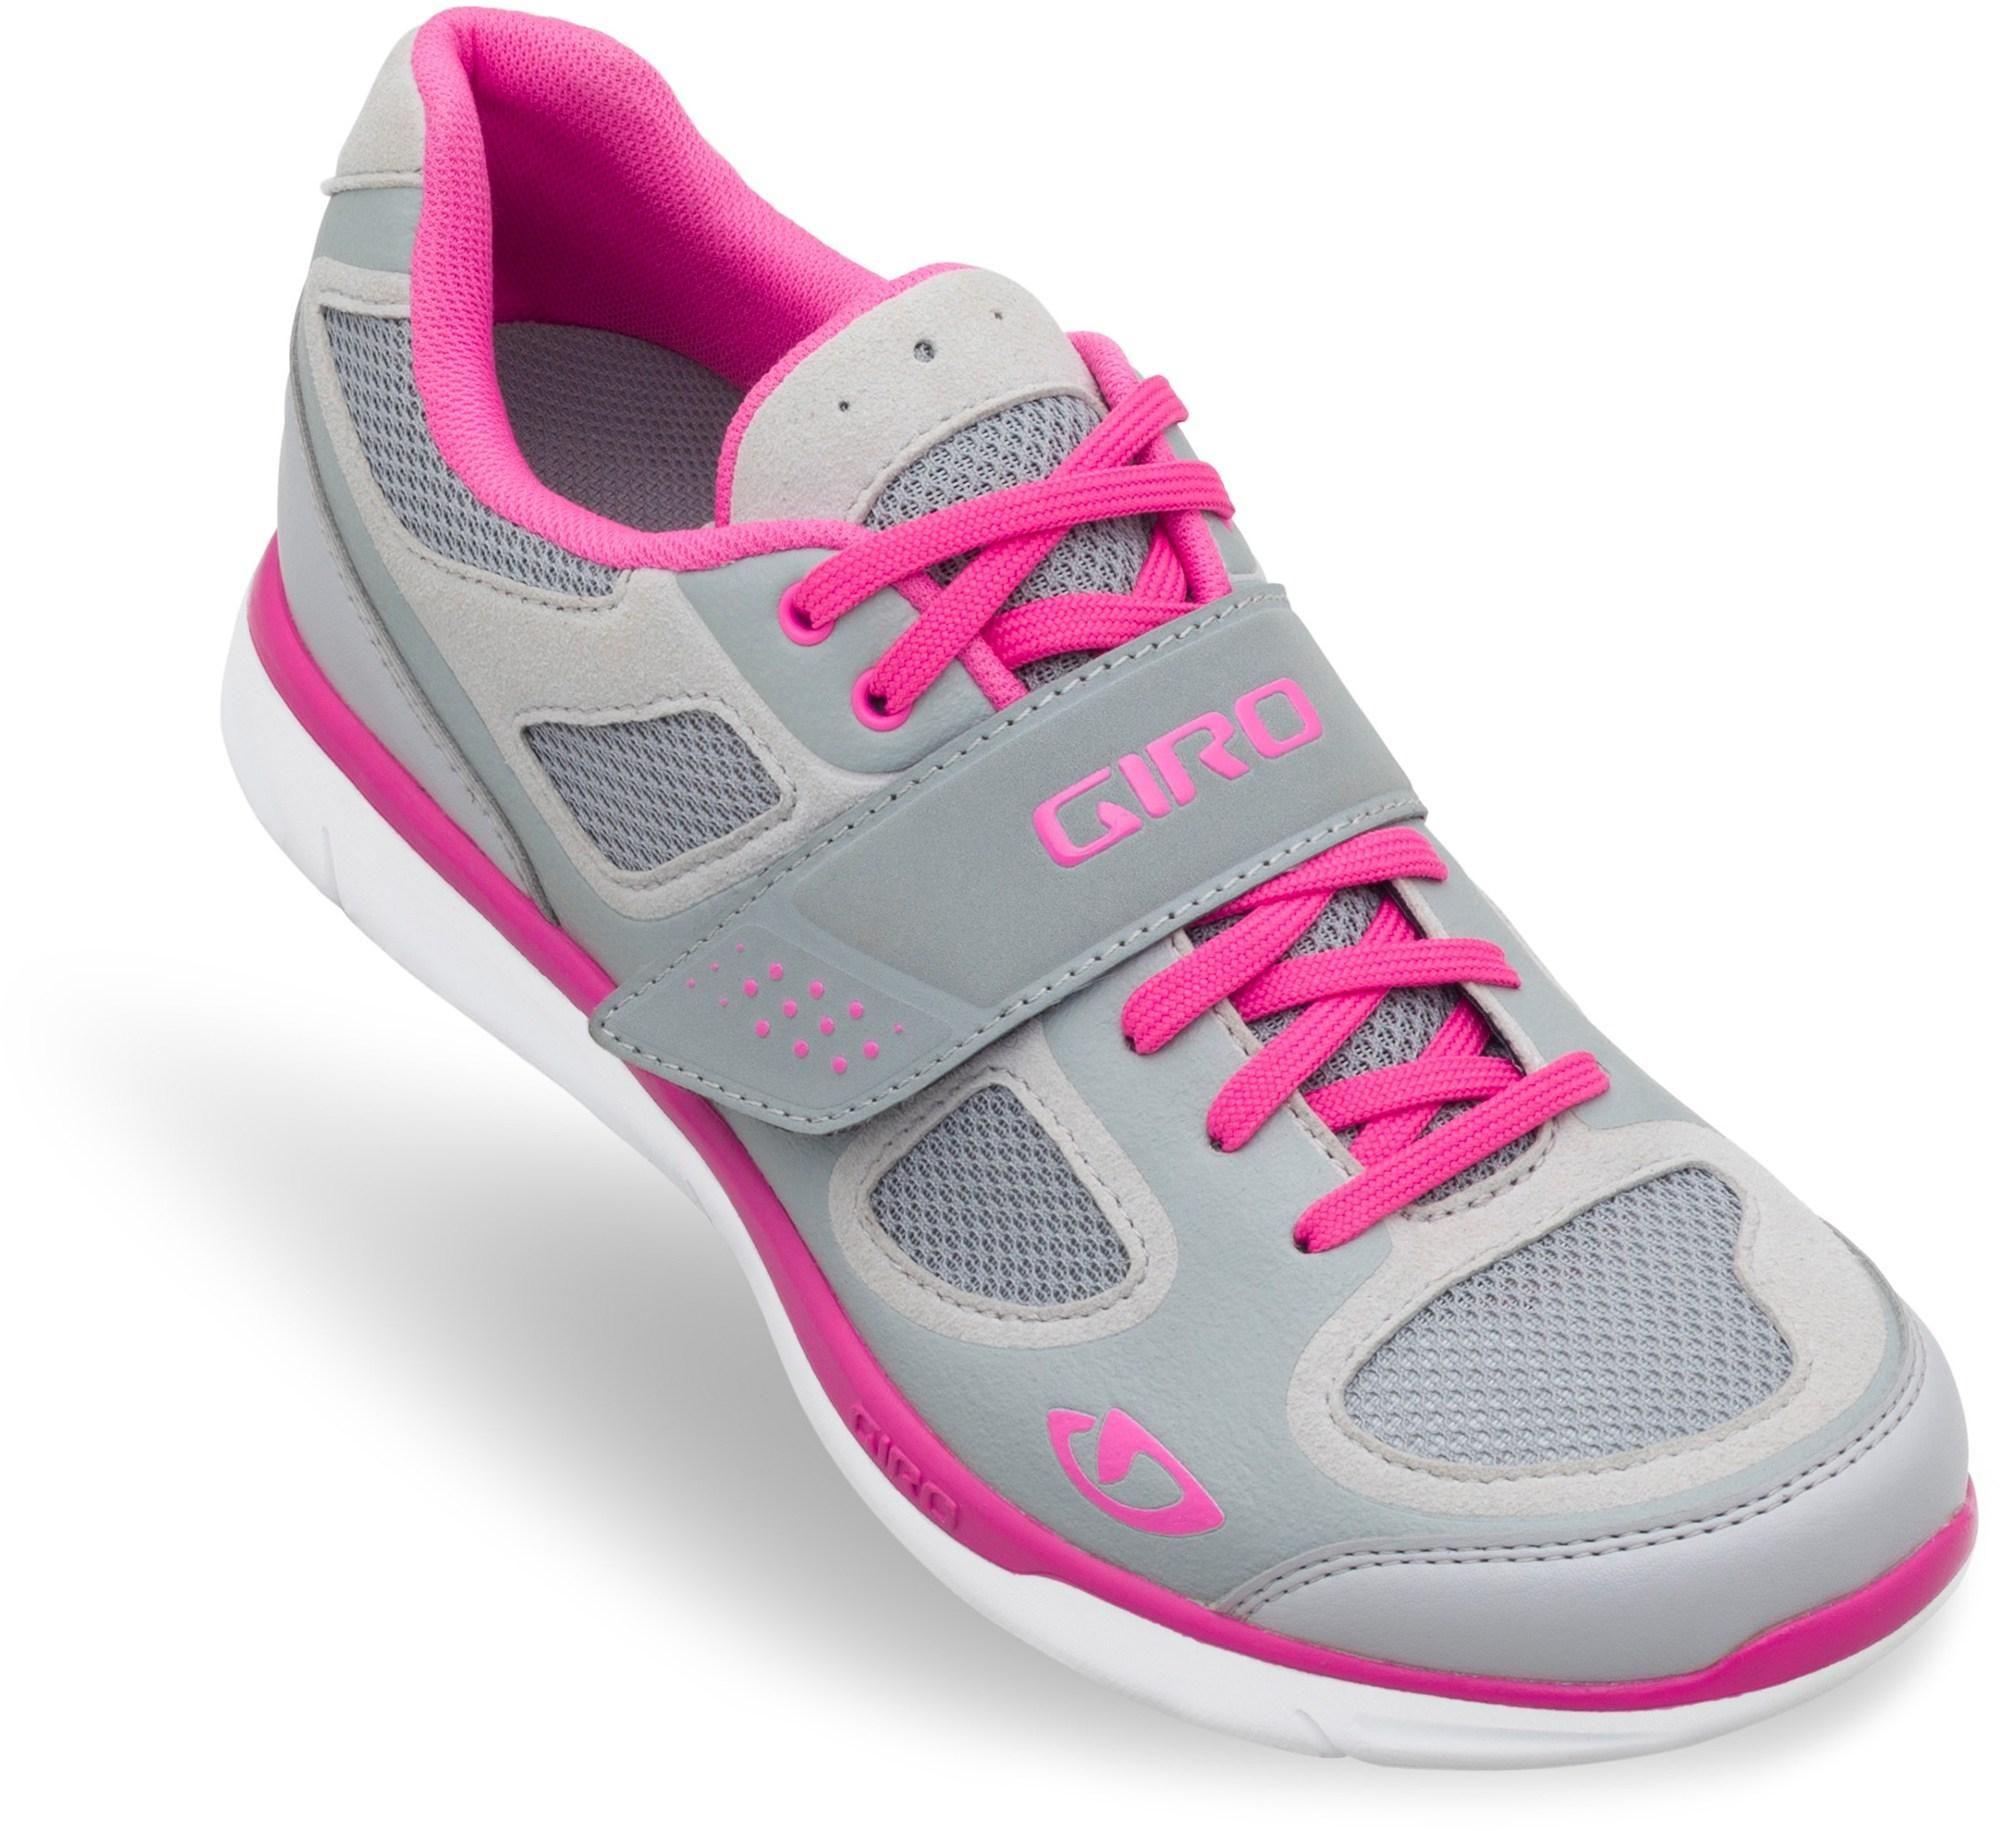 Giro Whynd Bike Shoes - Women's | REI Co-op | Cycling shoes, Road cycling  shoes, Cycling shoes women